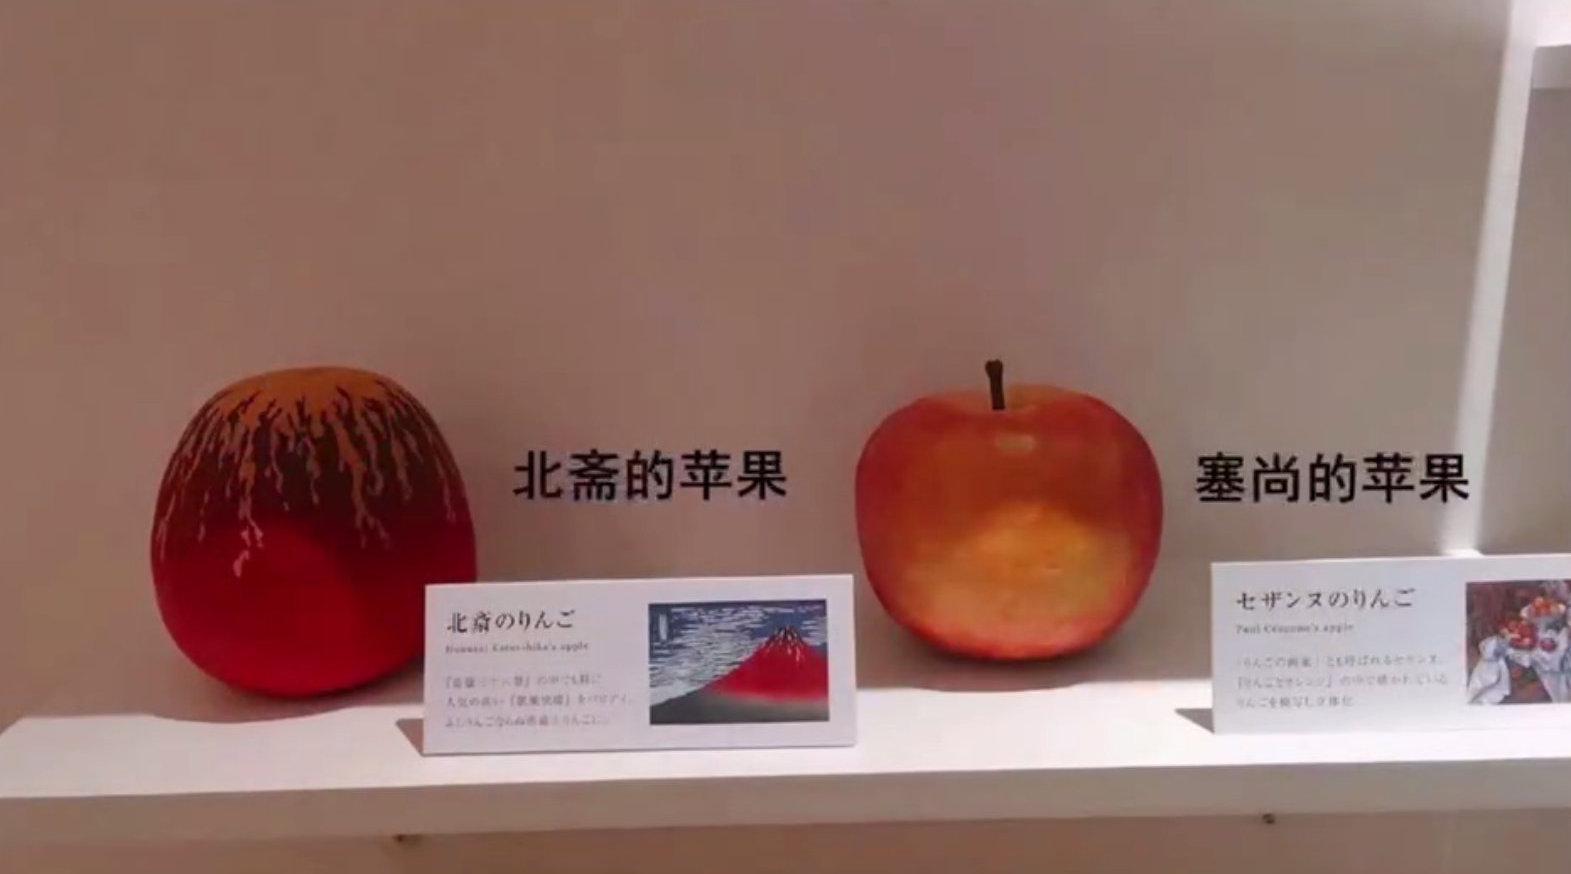 发现文艺复兴的苹果们~ 来源:塞外诗